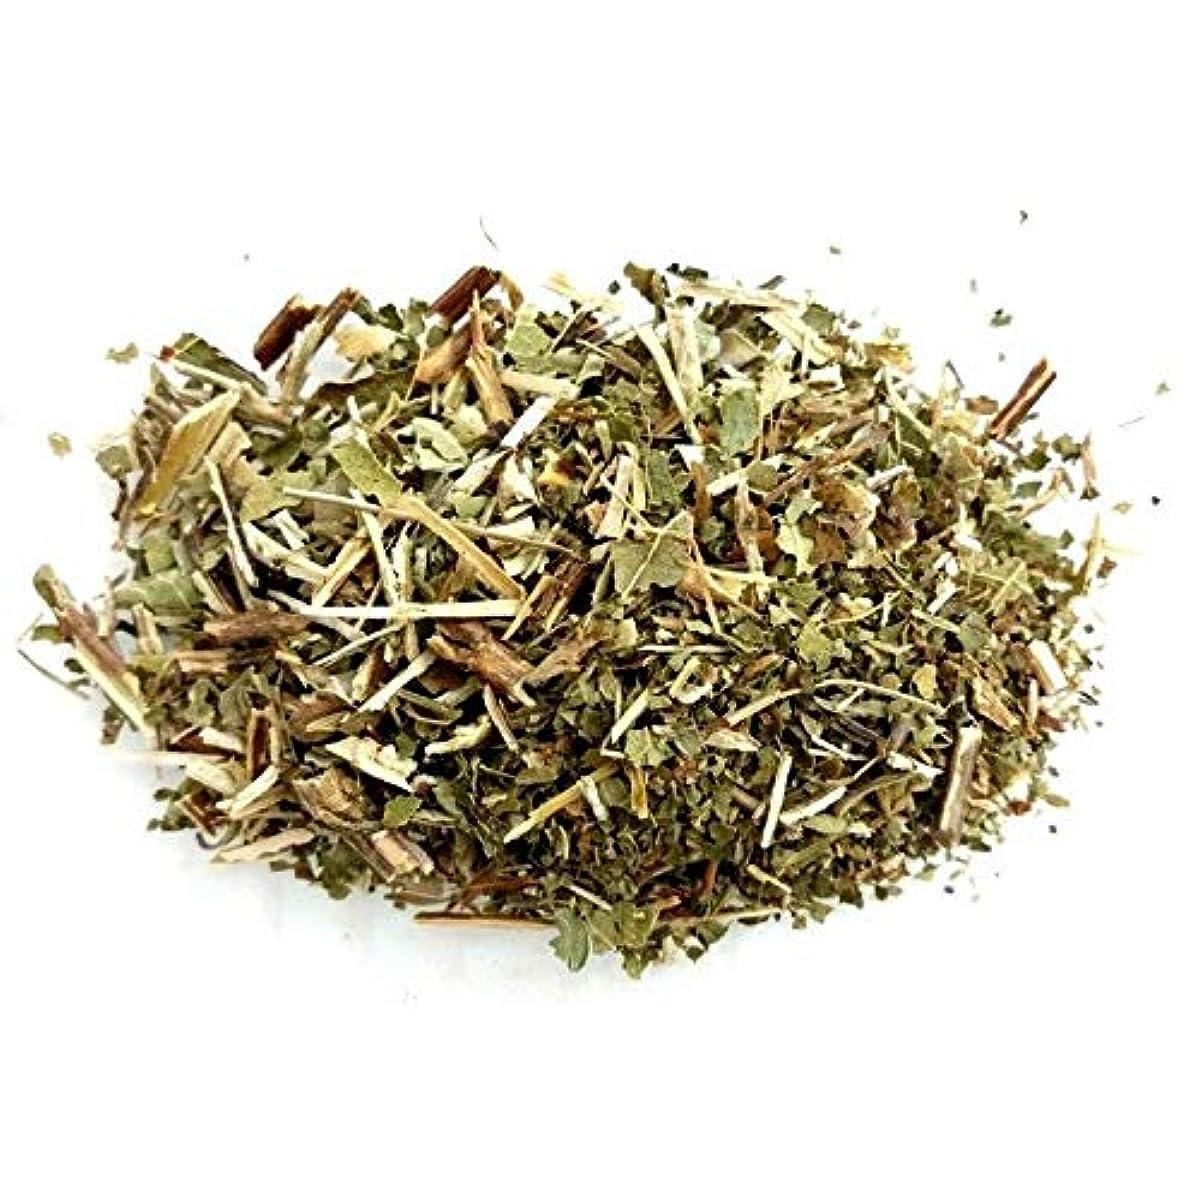 強いますミニチュア計画的種子パッケージ:Scullcap -IncenseフレグランスMagikal Seedion儀式ウィッカパガンゴス祭壇